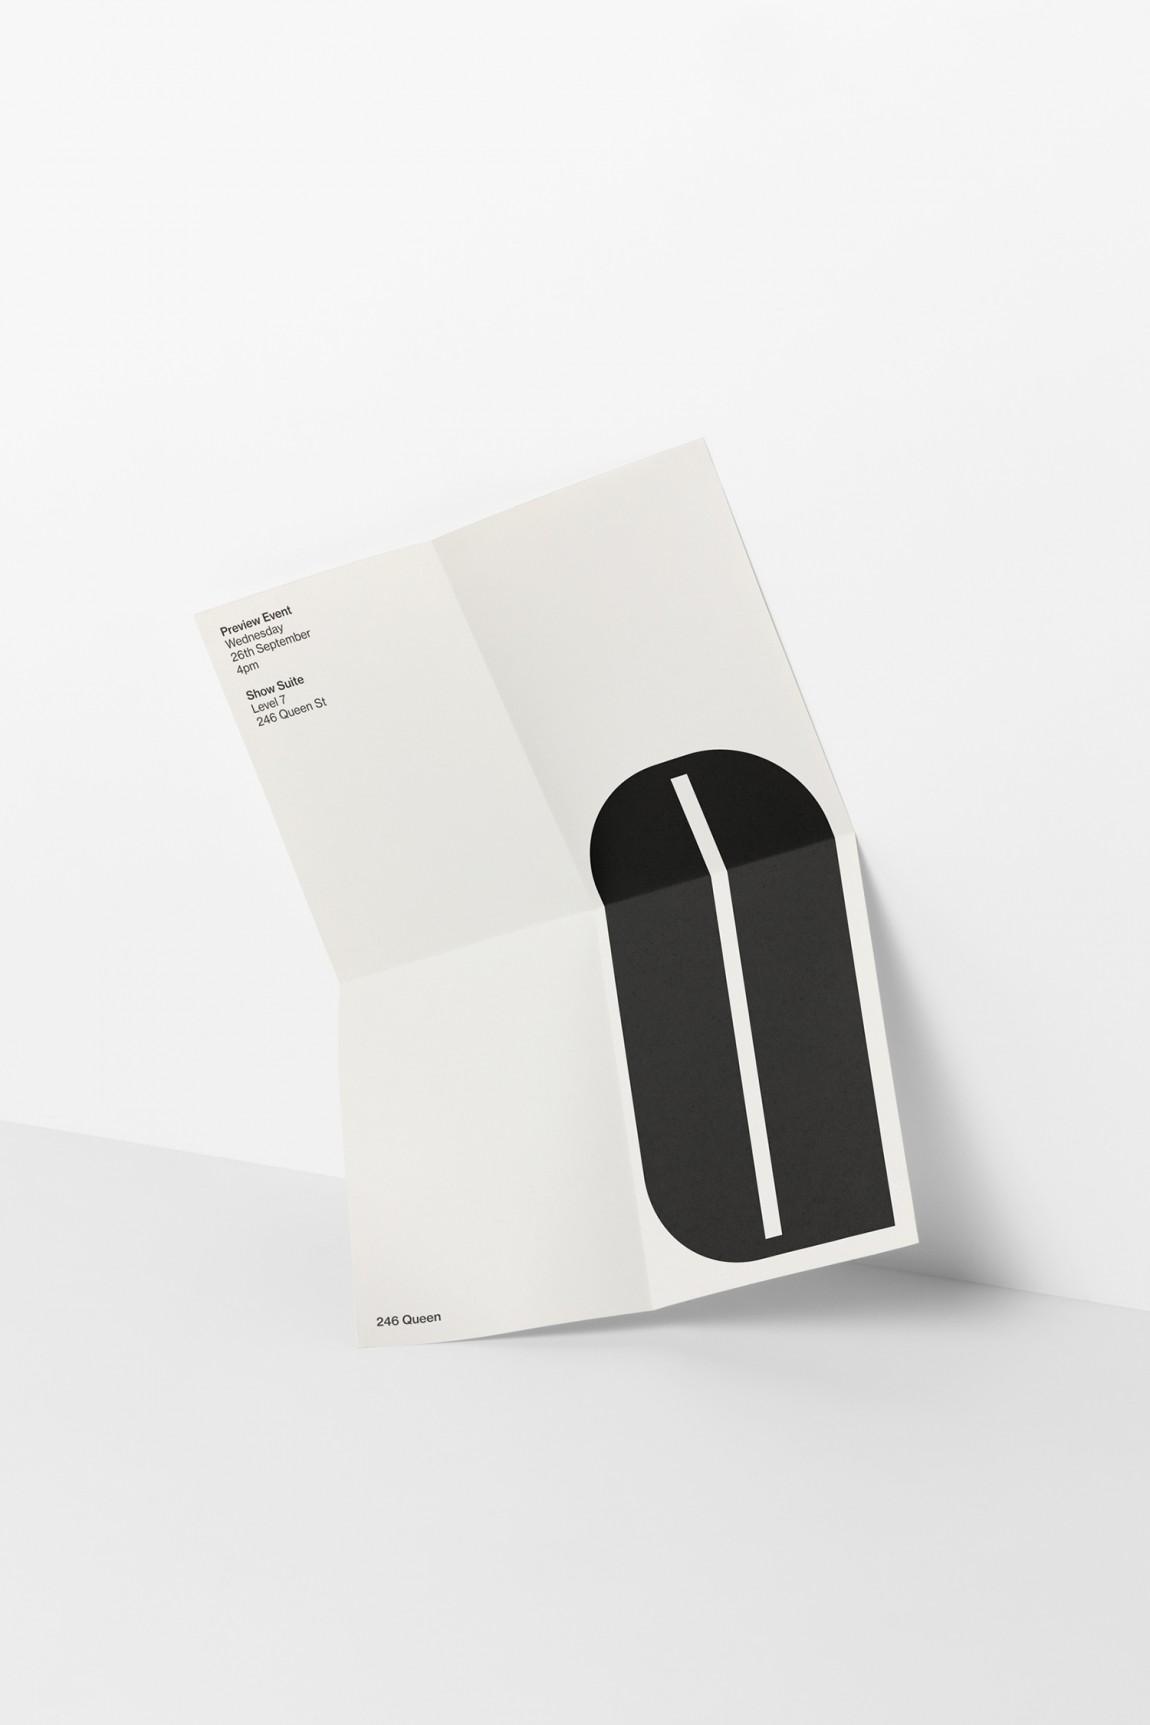 现代主义商业综合体皇后大道整体形象设计品牌重塑,海报设计